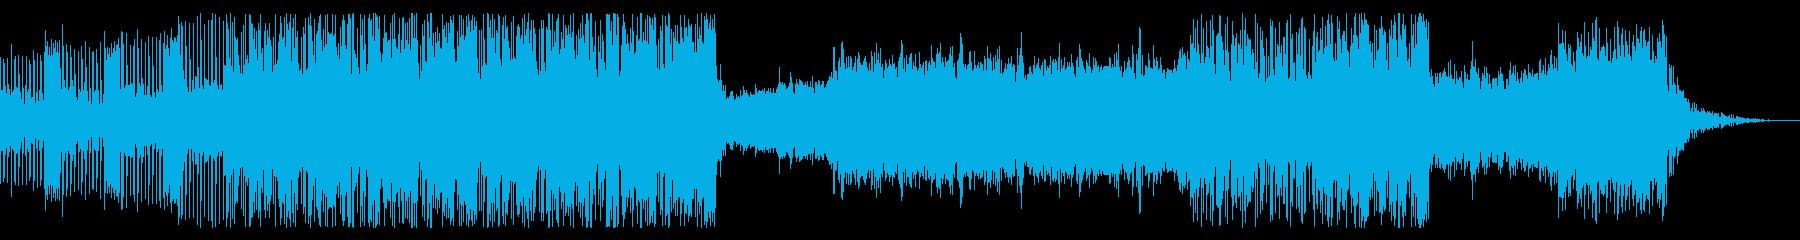 ハイテンションなバブルガムベースの再生済みの波形